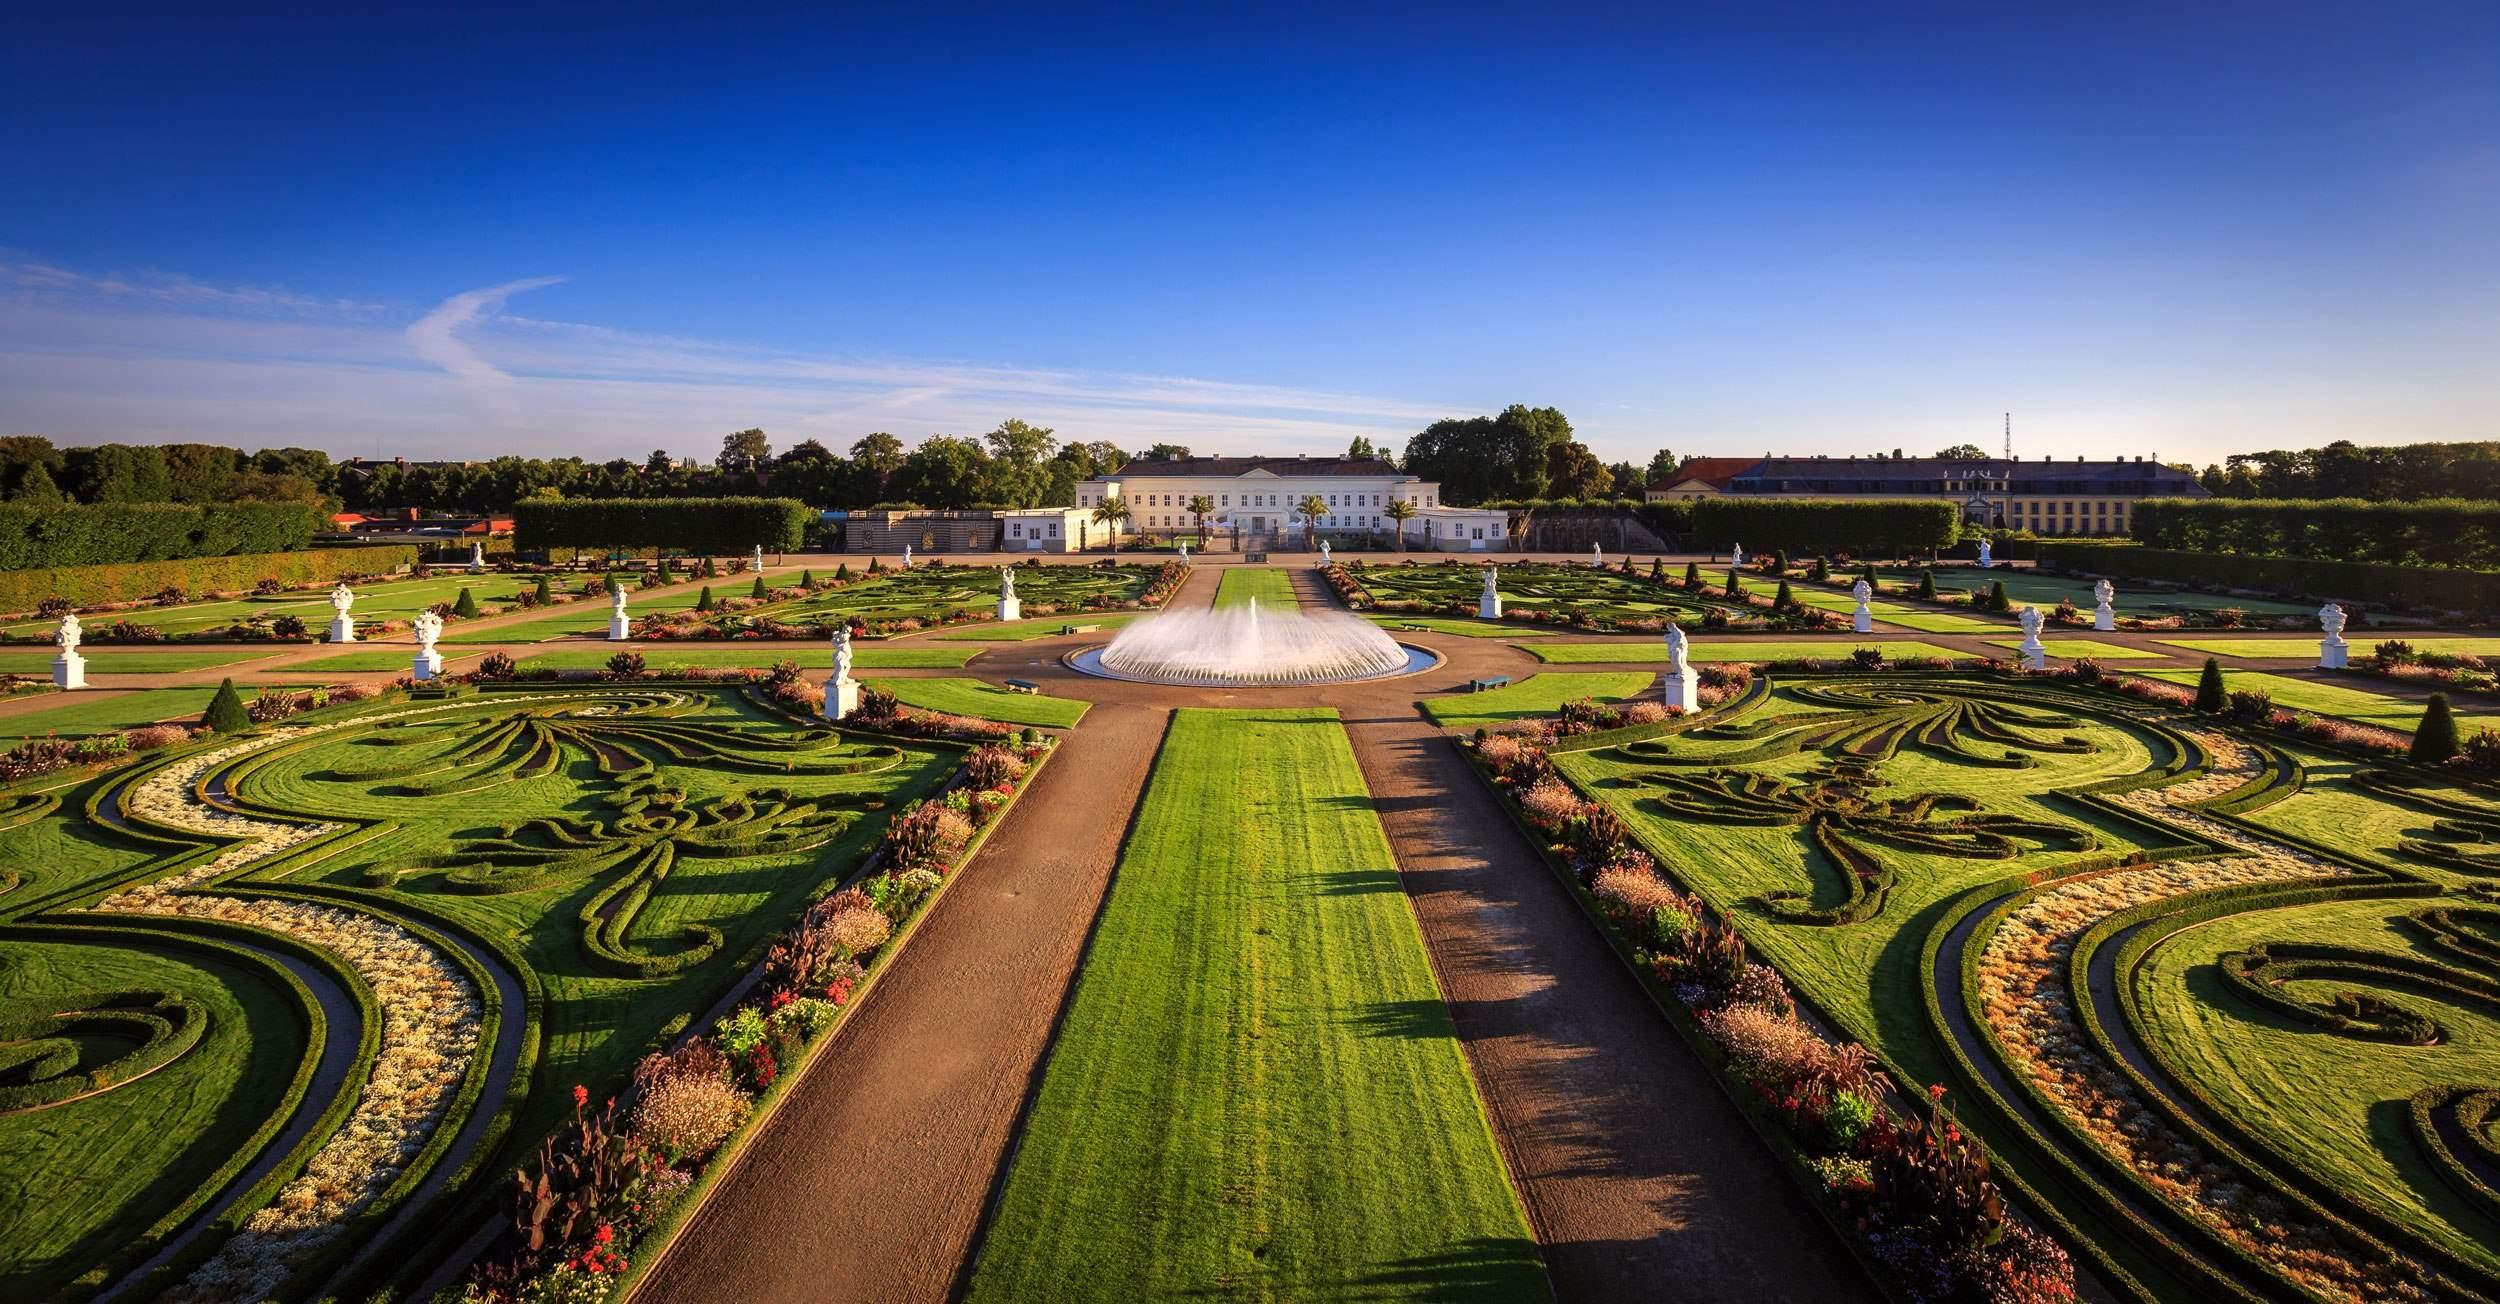 Herrenhäuser Gärten Das Beste Von Schloss Herrenhausen